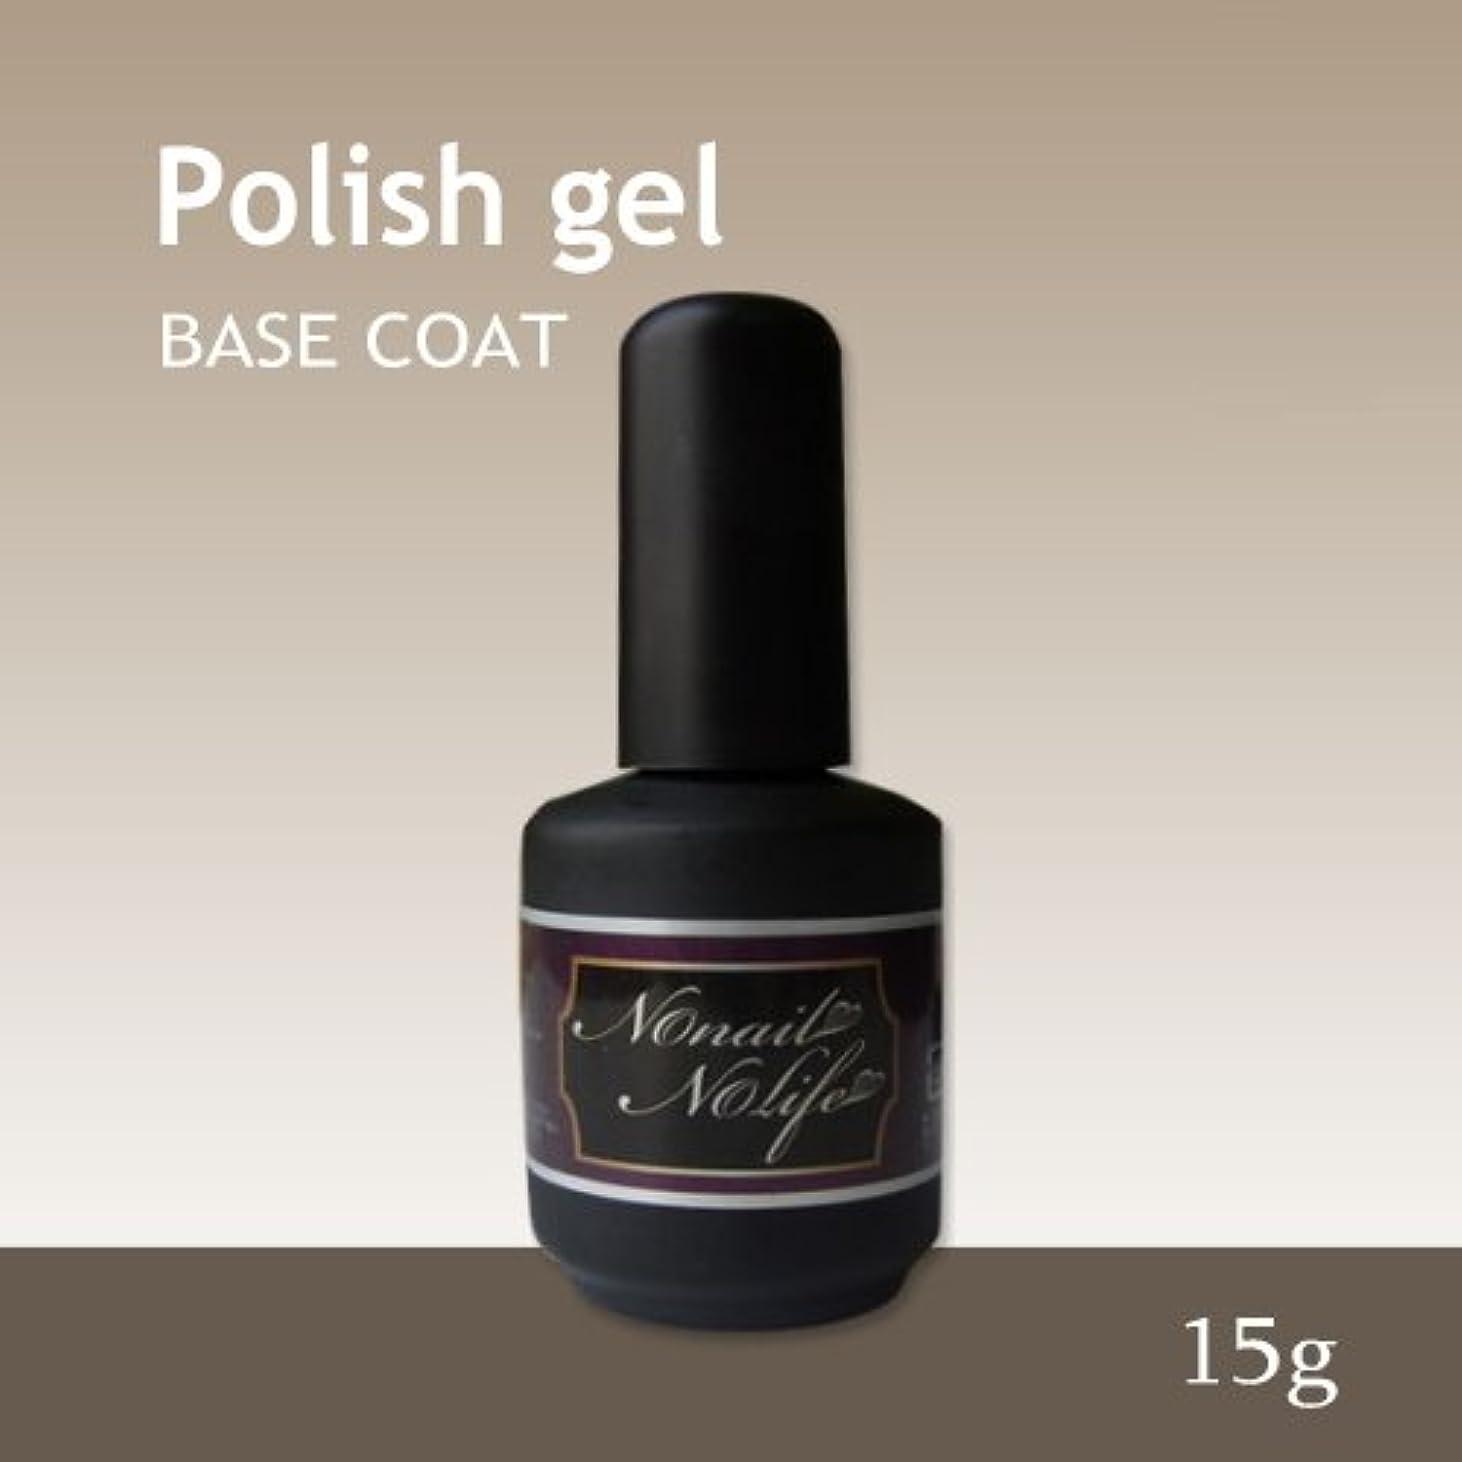 昆虫関与する受付ジェルネイル《サンディング不要のベースコート》Natural Polish ポリッシュベースジェル(15g)